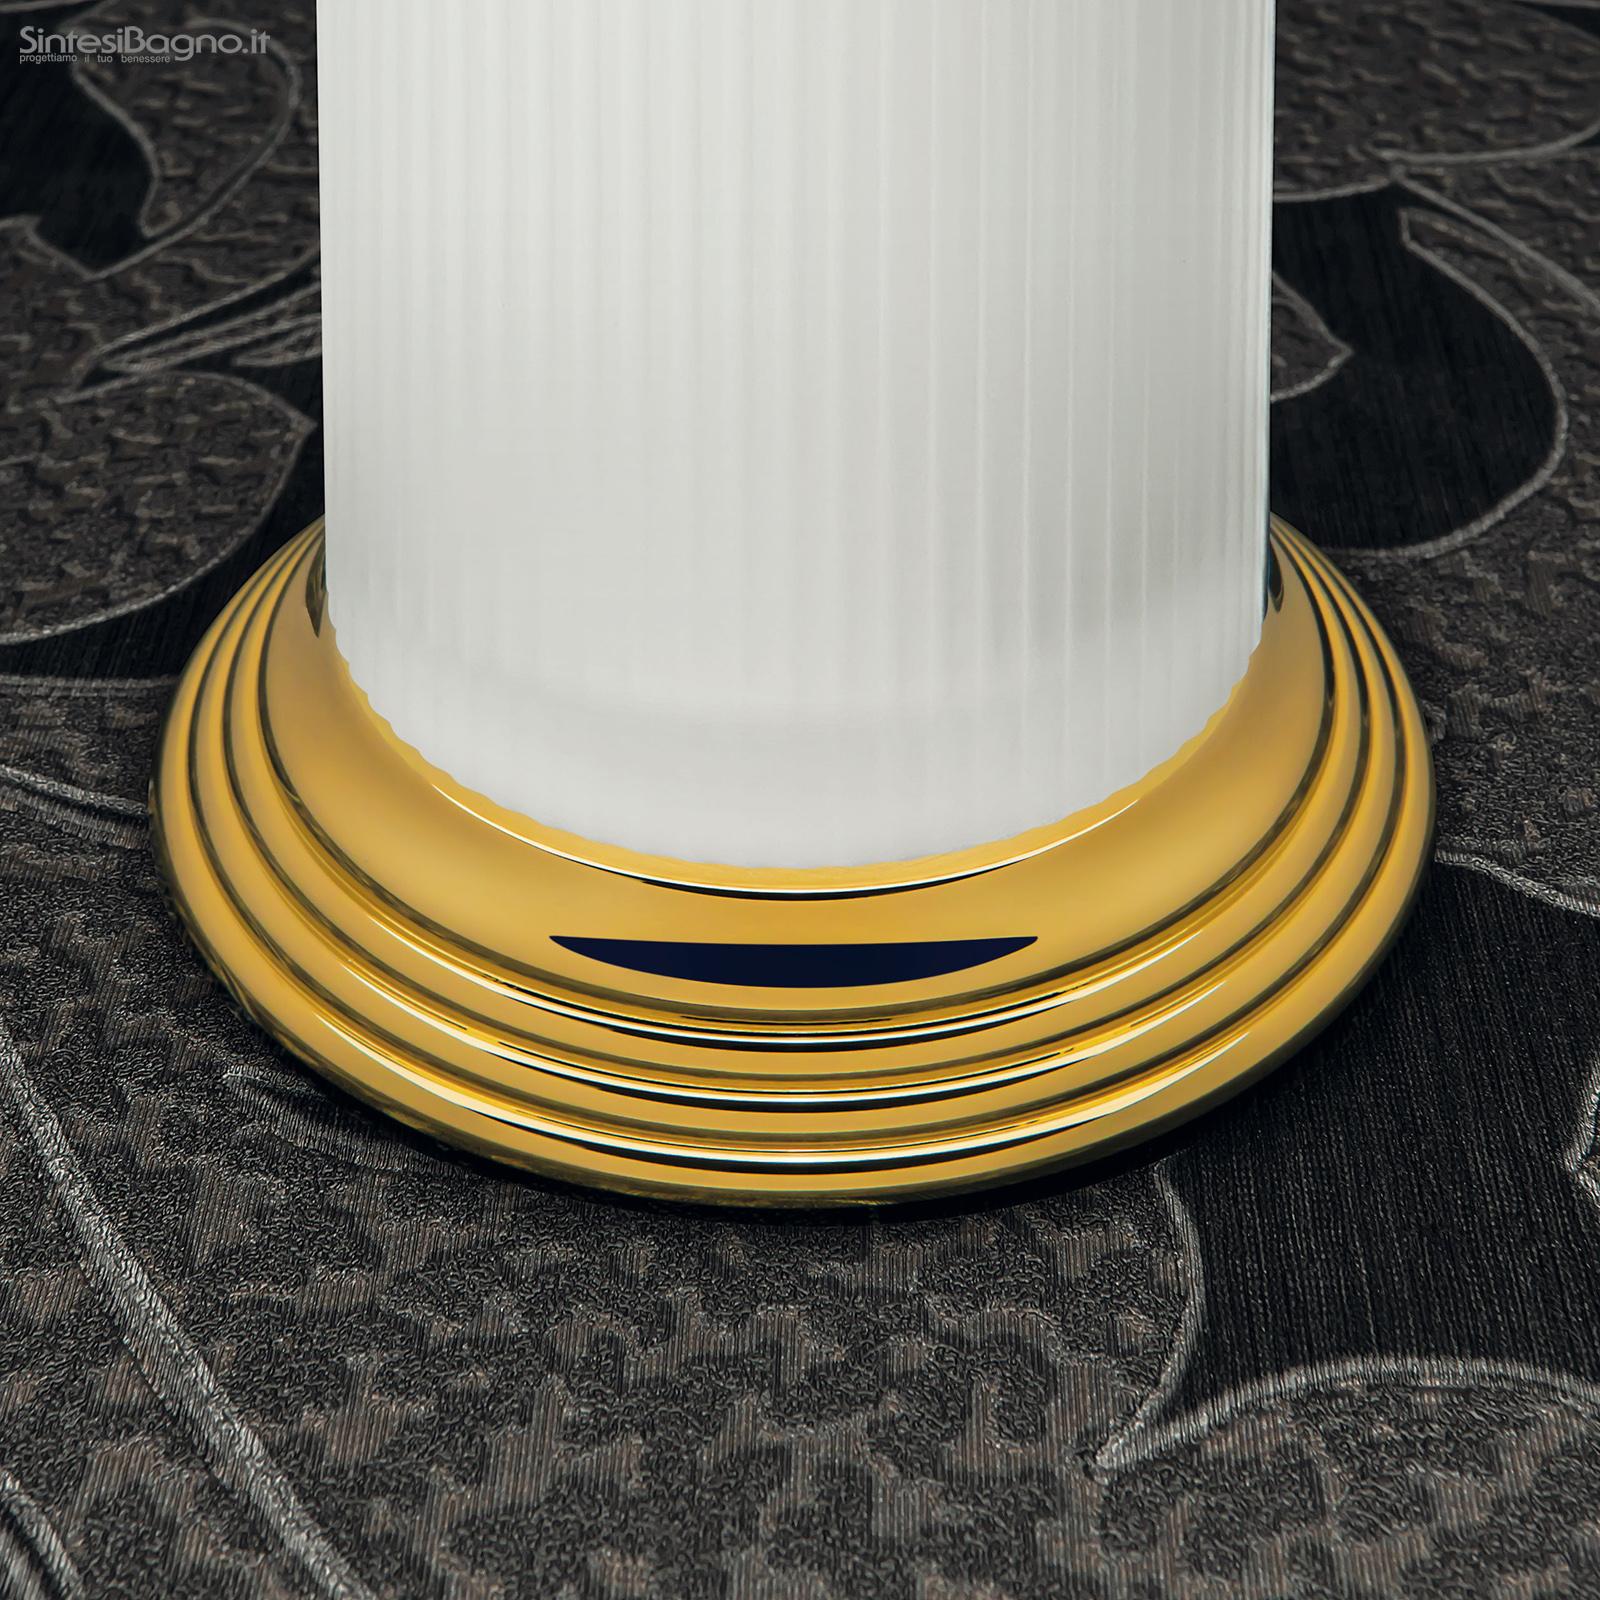 accessori-bagno-colombo-serie-hermitage-sintesibagno_cover